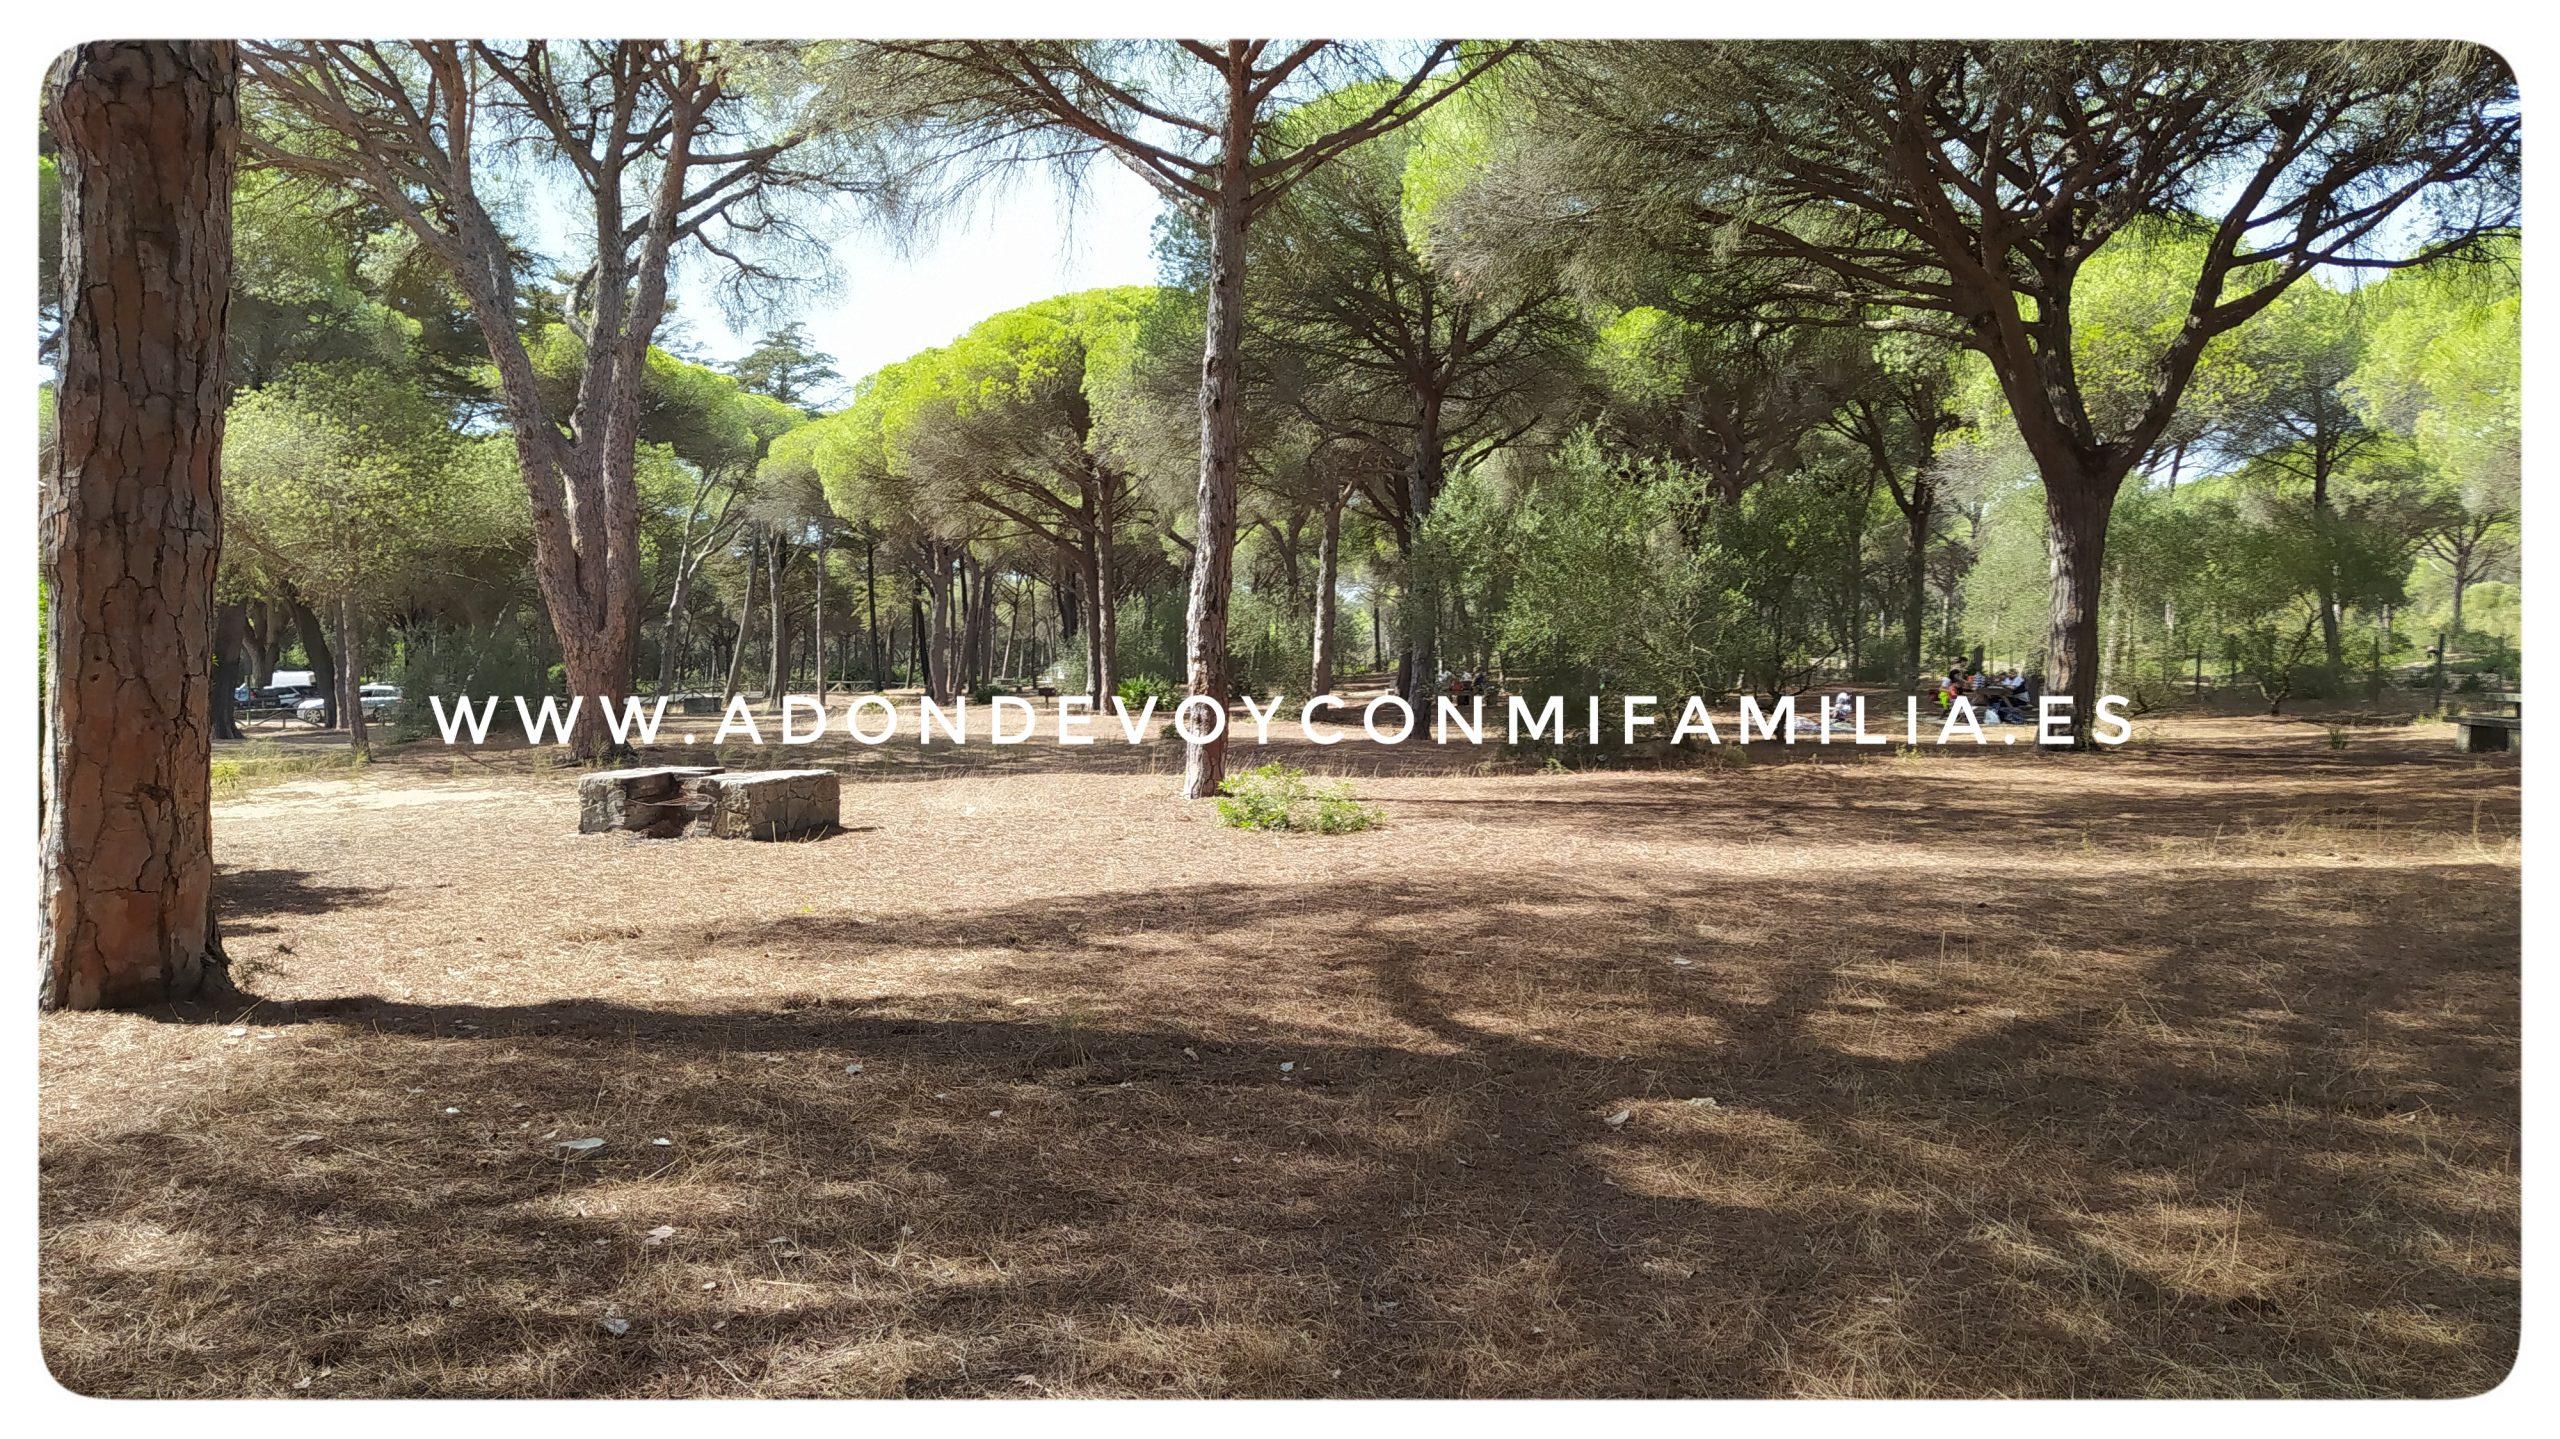 area recreativa majales del sol adondevoyconmifamilia (4)